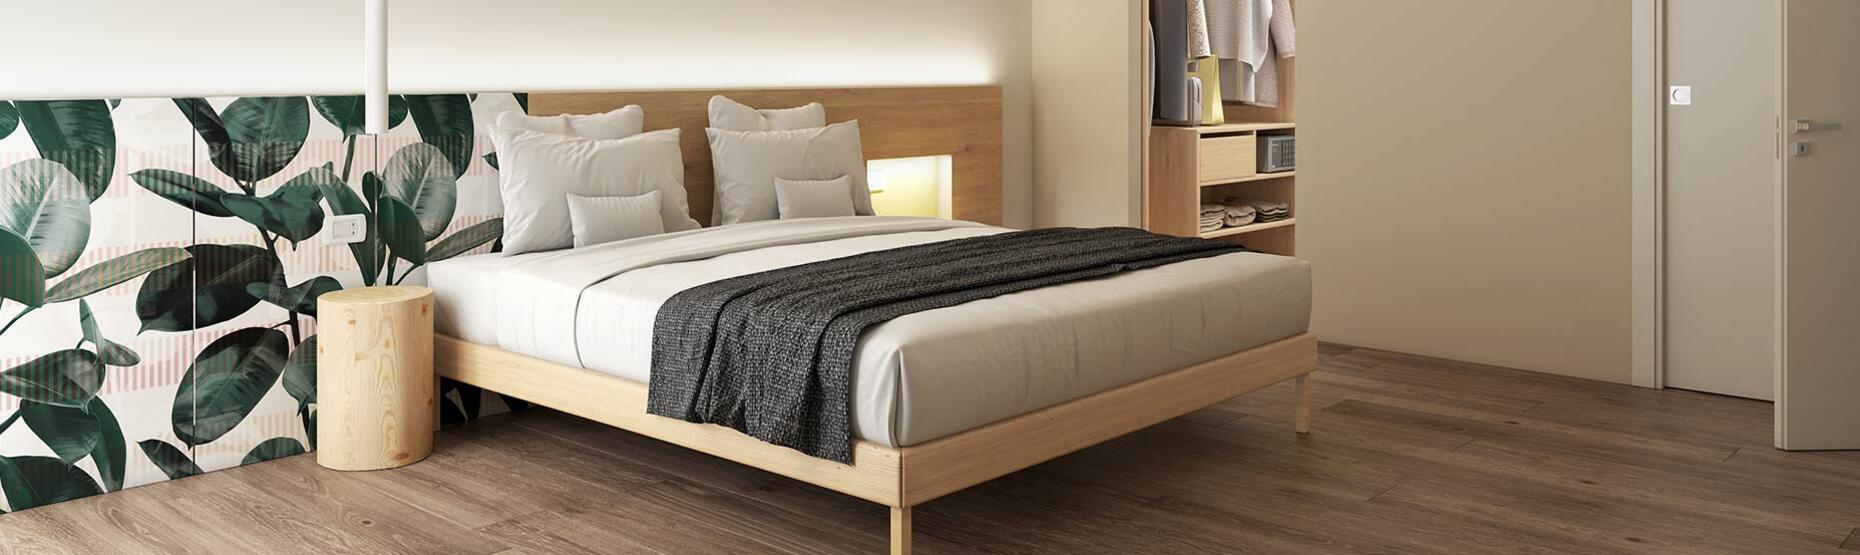 hoteldeiplatani de hotel-mit-suite-ferienwohnung-rimini 019